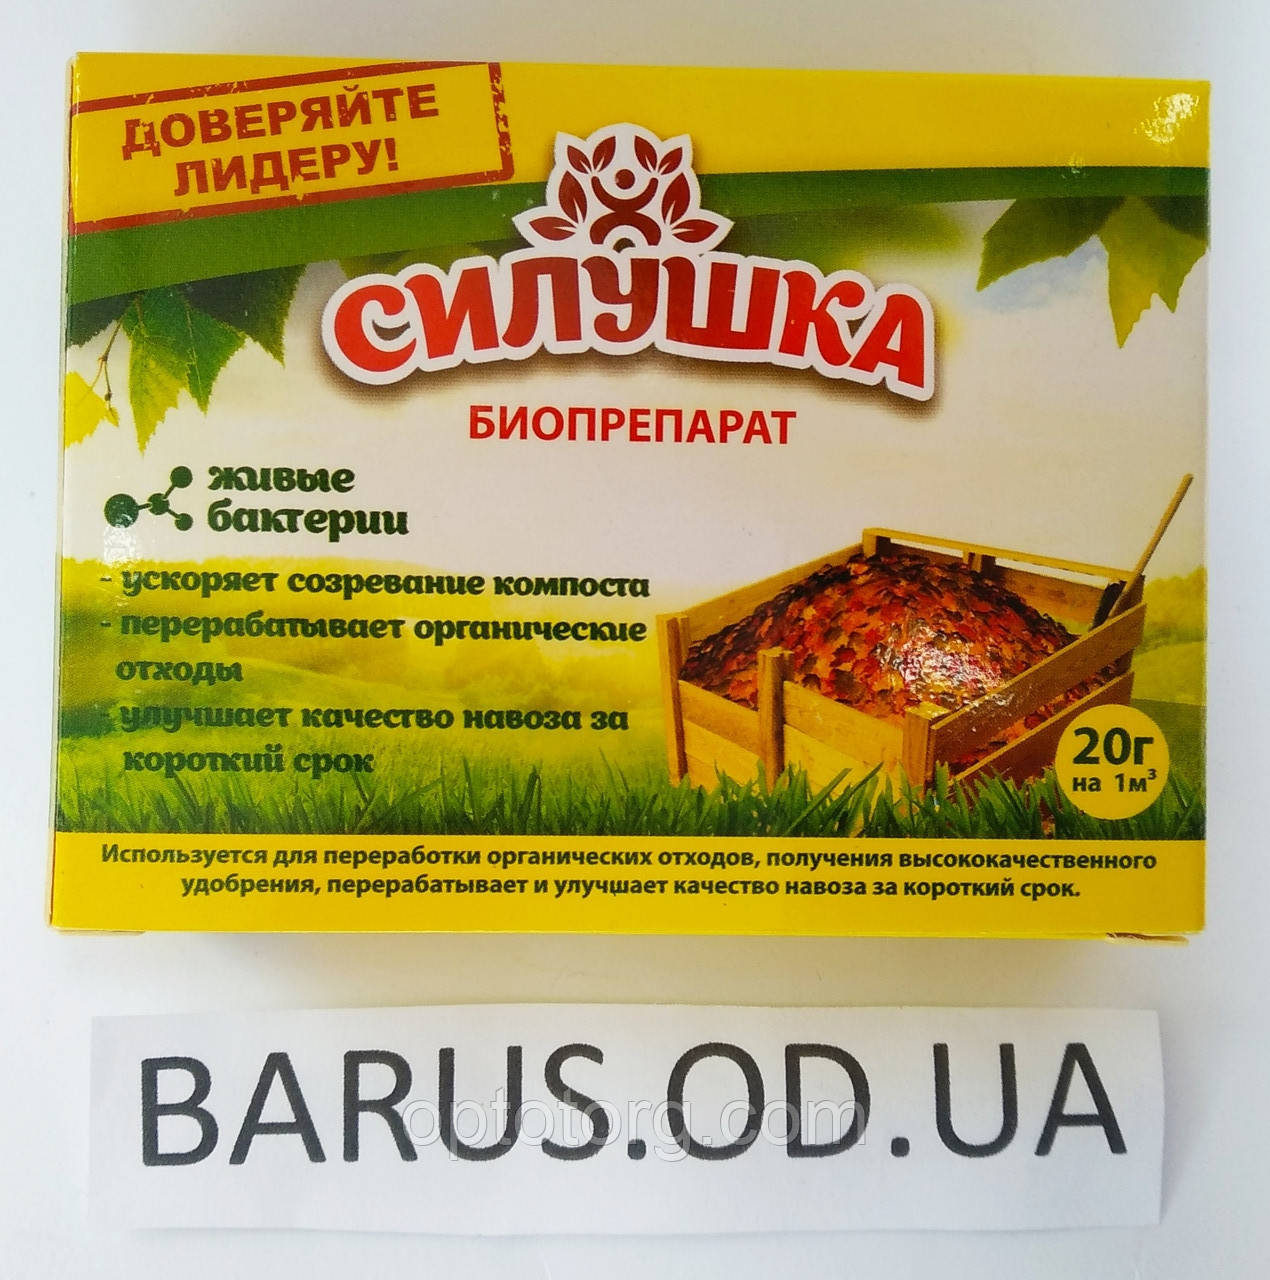 Биопрепарат Биобактерии для компоста Силушка 20 г на 1 м³